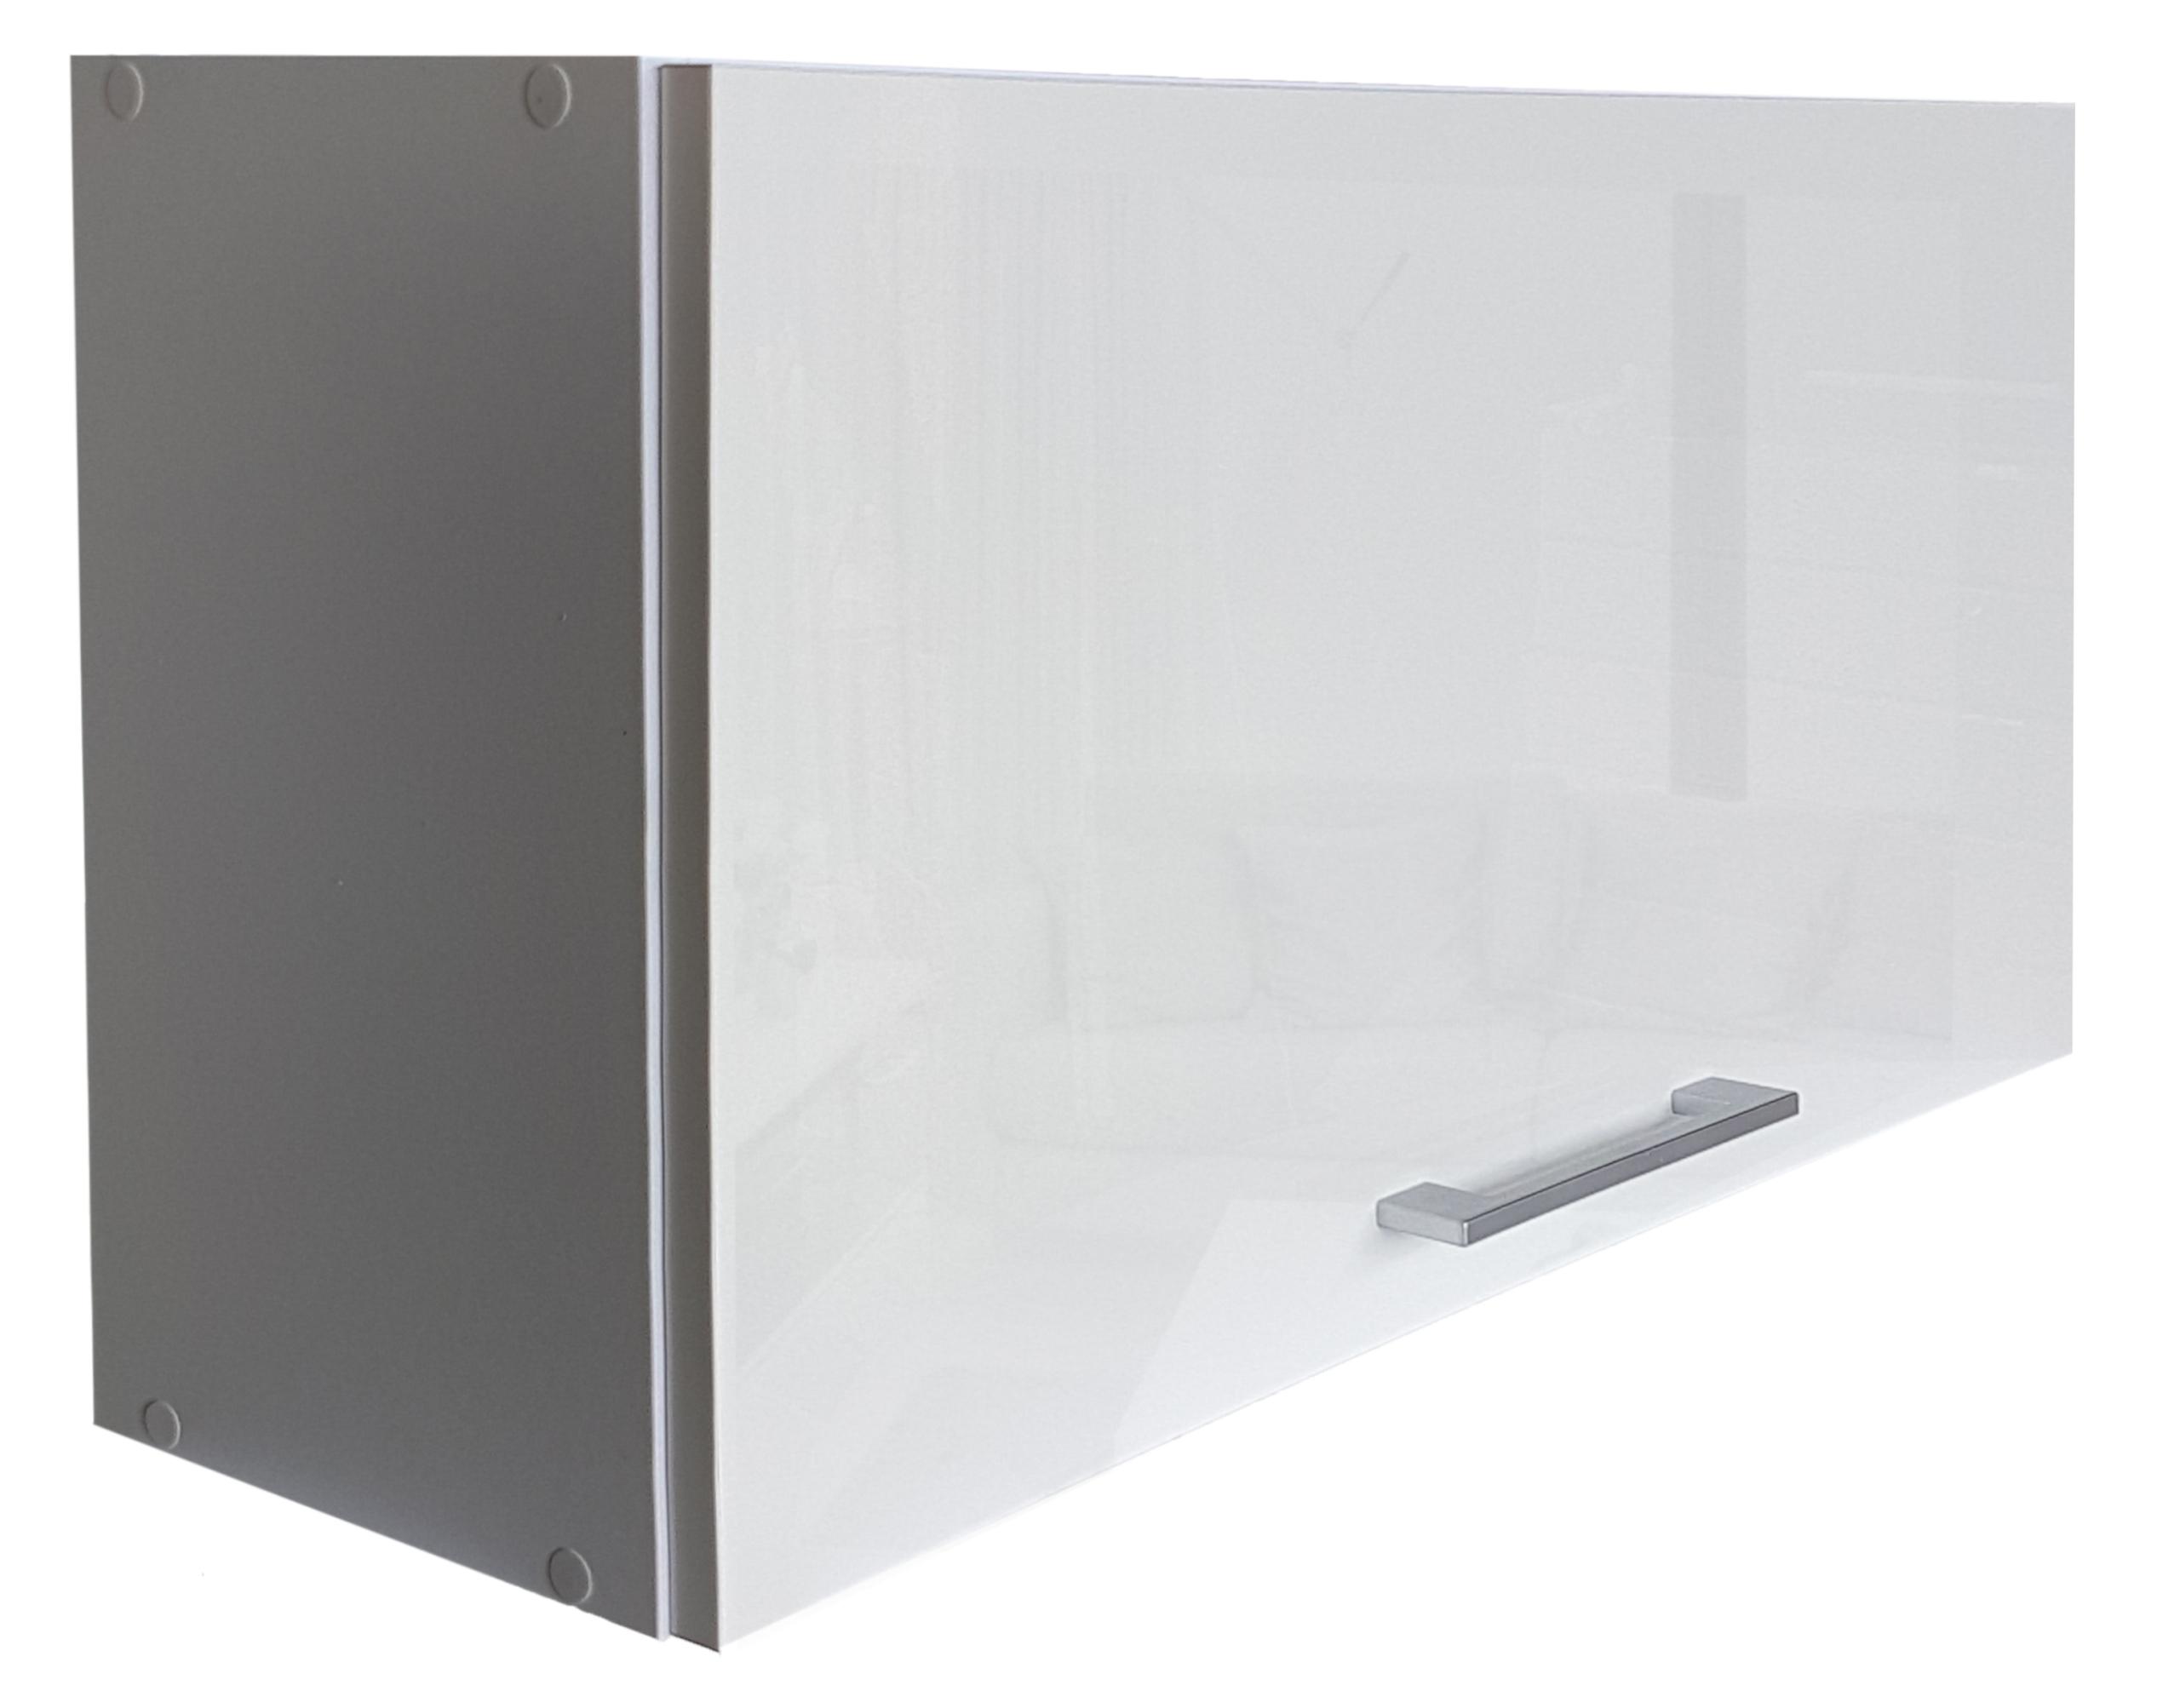 Шкаф кухонный, навесной, люк глянцевый 80